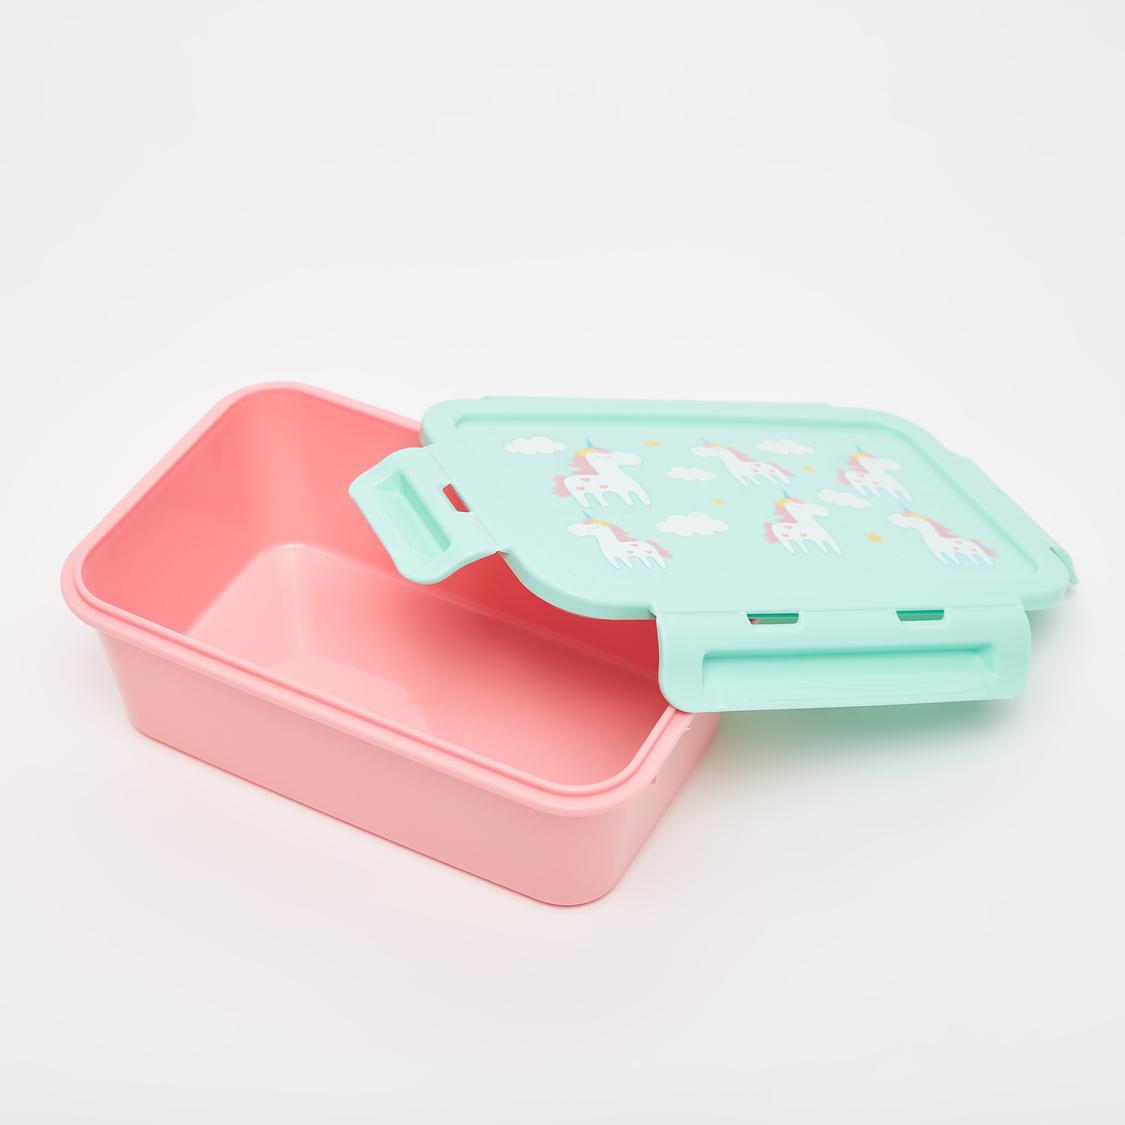 صندوق غداء بطبعات يونيكورن - 1100 مل